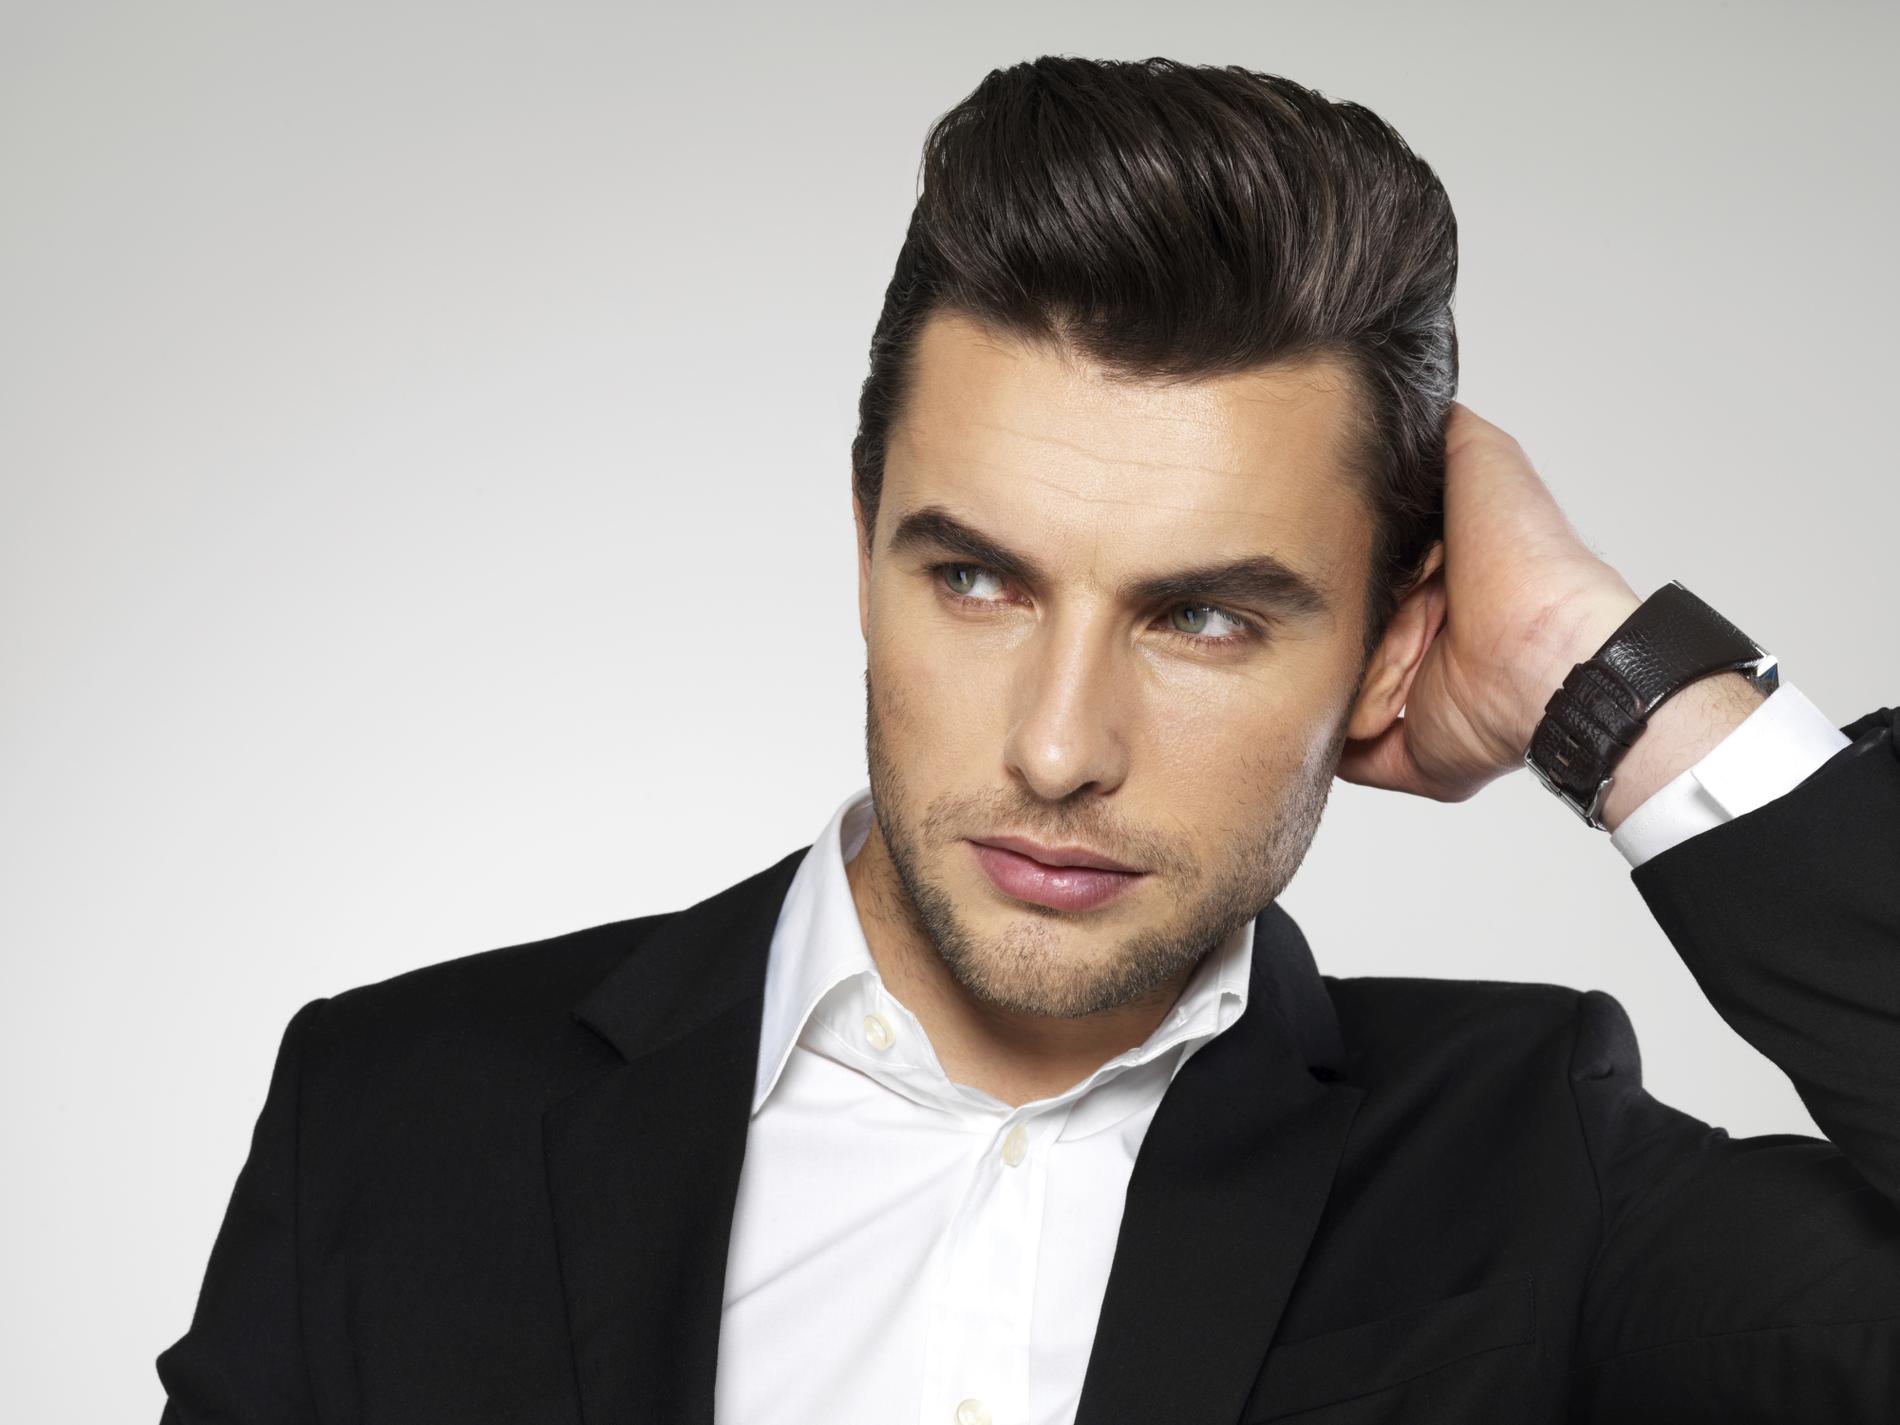 Coiffure masculine pour cheveux longs et Г©pais